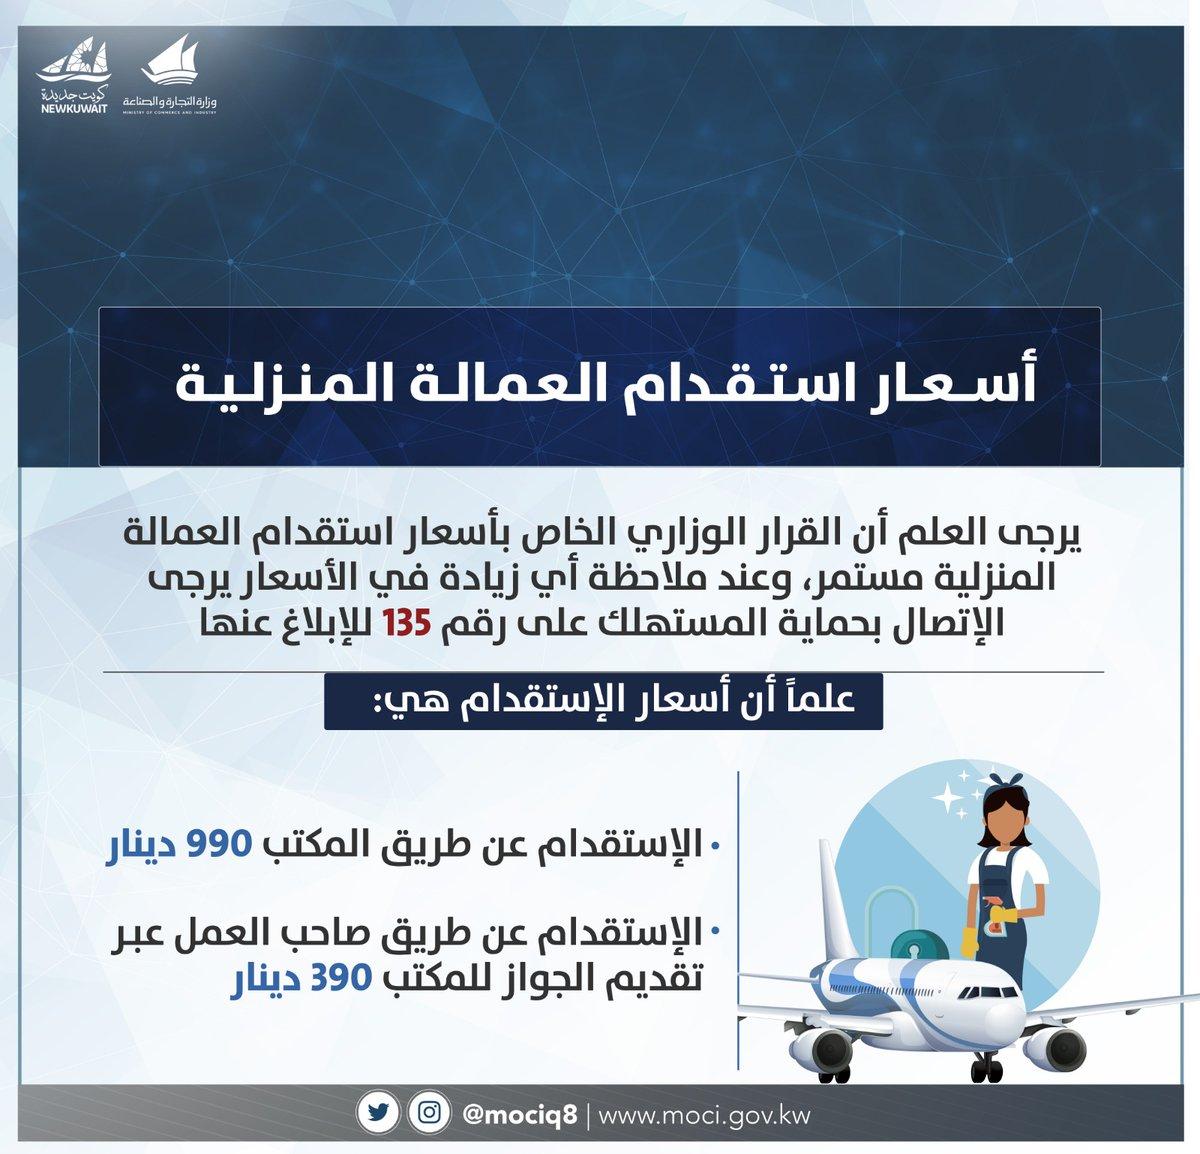 #الكويت || التجارة: العمل سارٍ بقرار تكلفة استقدام العمالة المنزلية  @mociq8